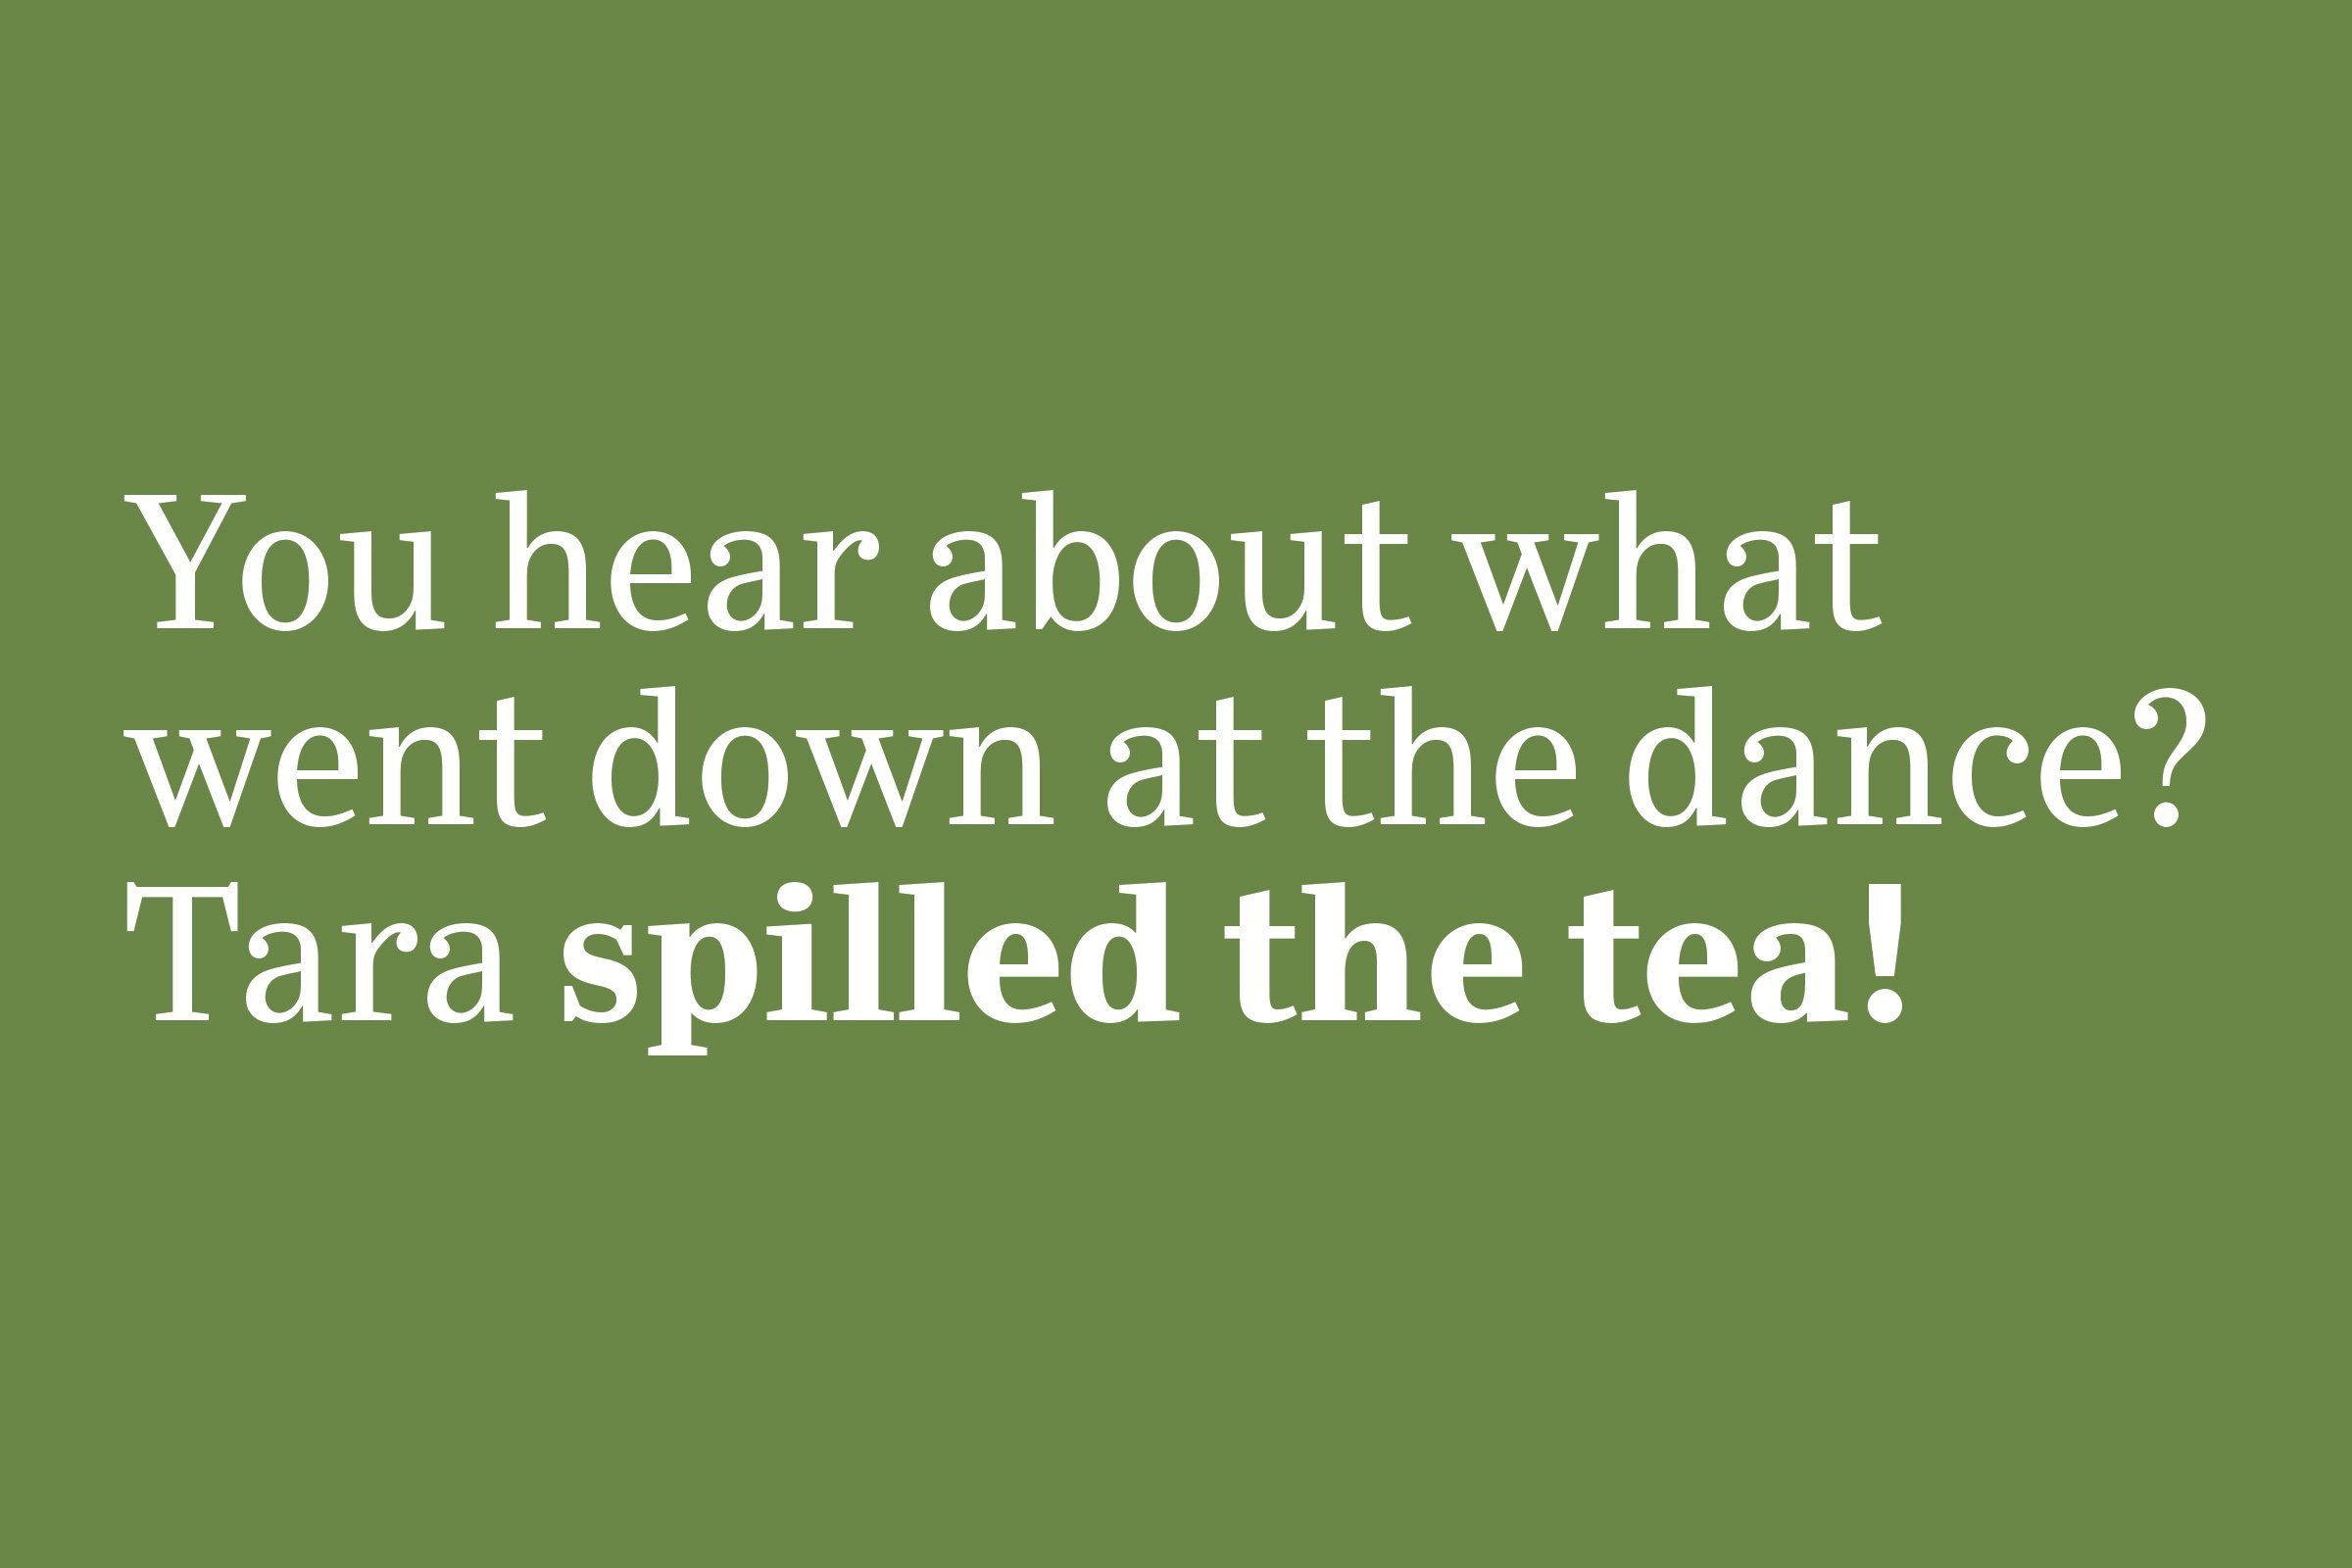 spilled the tea slang 2020